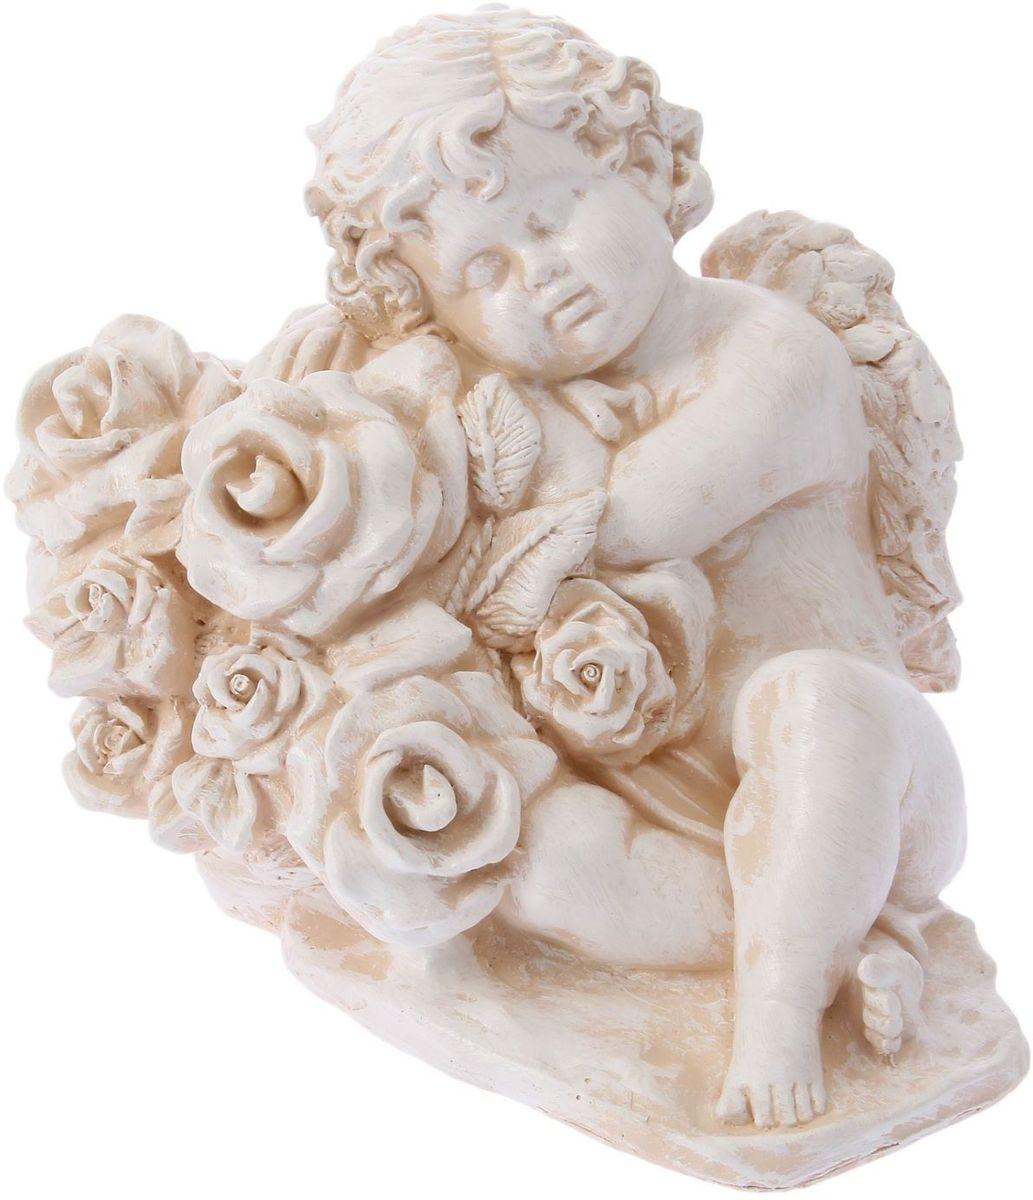 Фигура садовая Noname Ангел с розами, цвет: бежевый, 25 х 18 х 30 смK100#name# — сувенир в полном смысле этого слова. И главная его задача — хранить воспоминание о месте, где вы побывали, или о том человеке, который подарил данный предмет. Преподнесите эту вещь своему другу, и она станет достойным украшением его дома.